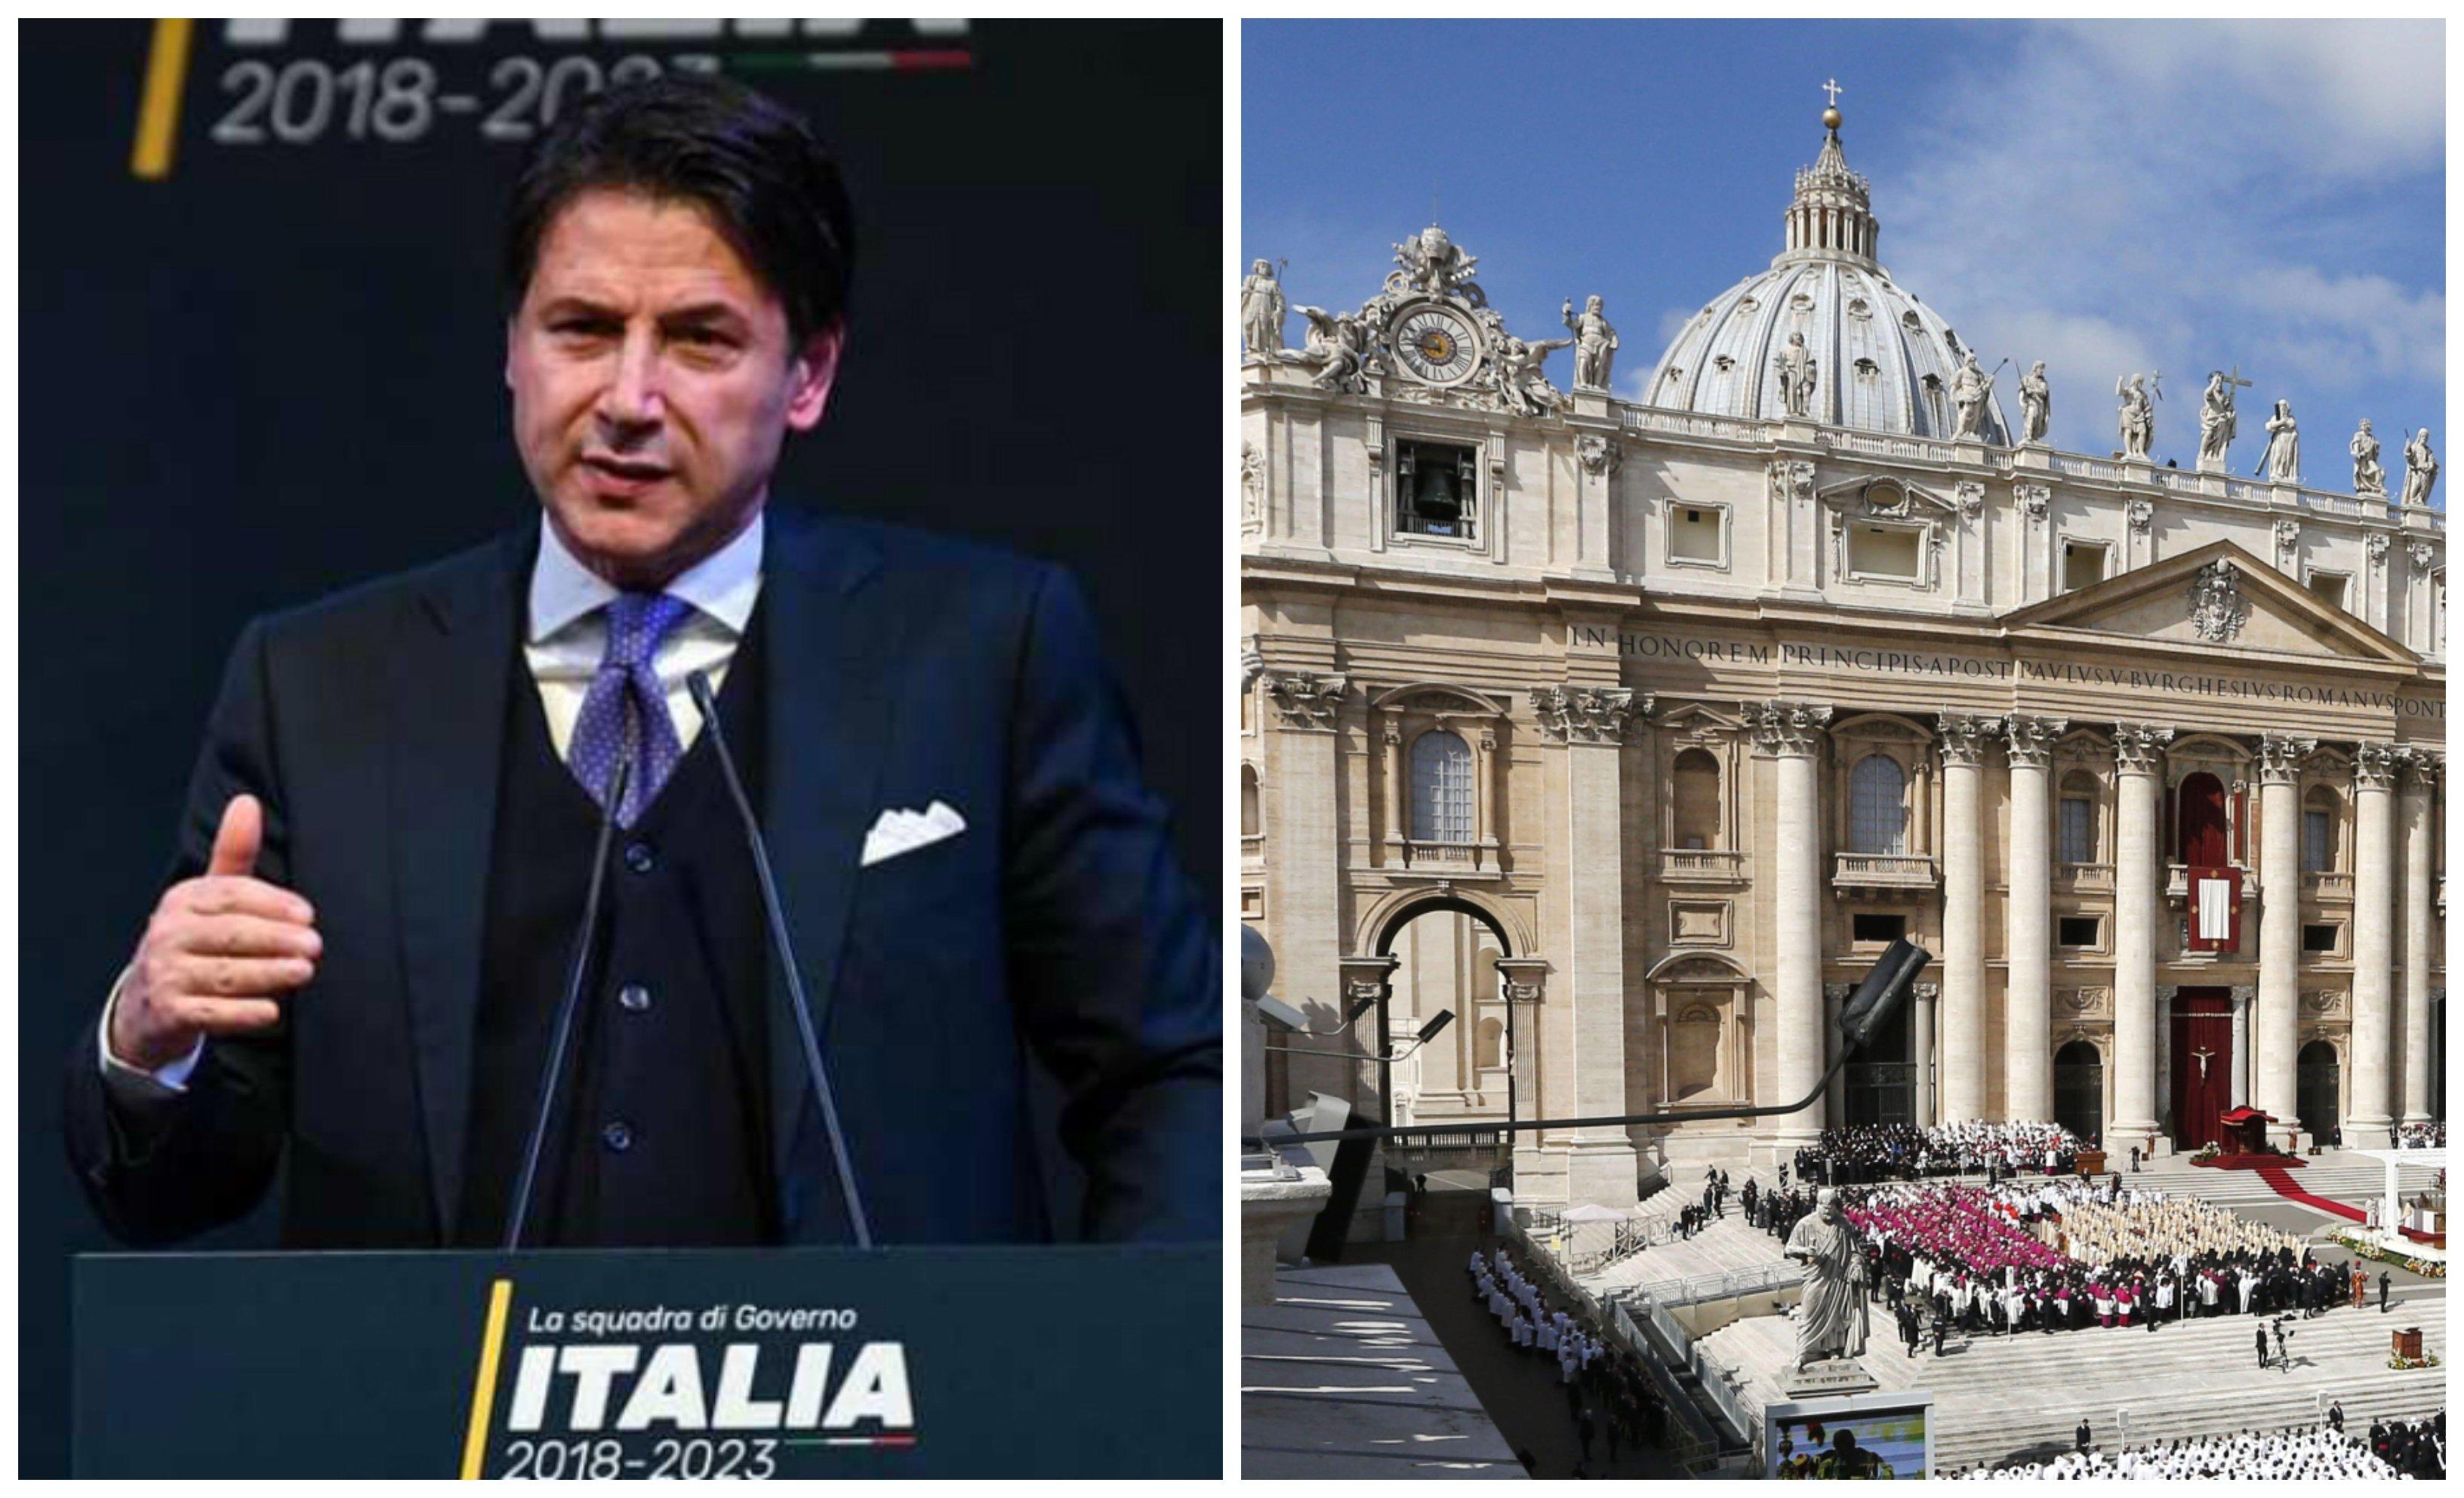 El primer ministro italiano, Giusepp Conte, ha prohibido las misas en todo el país